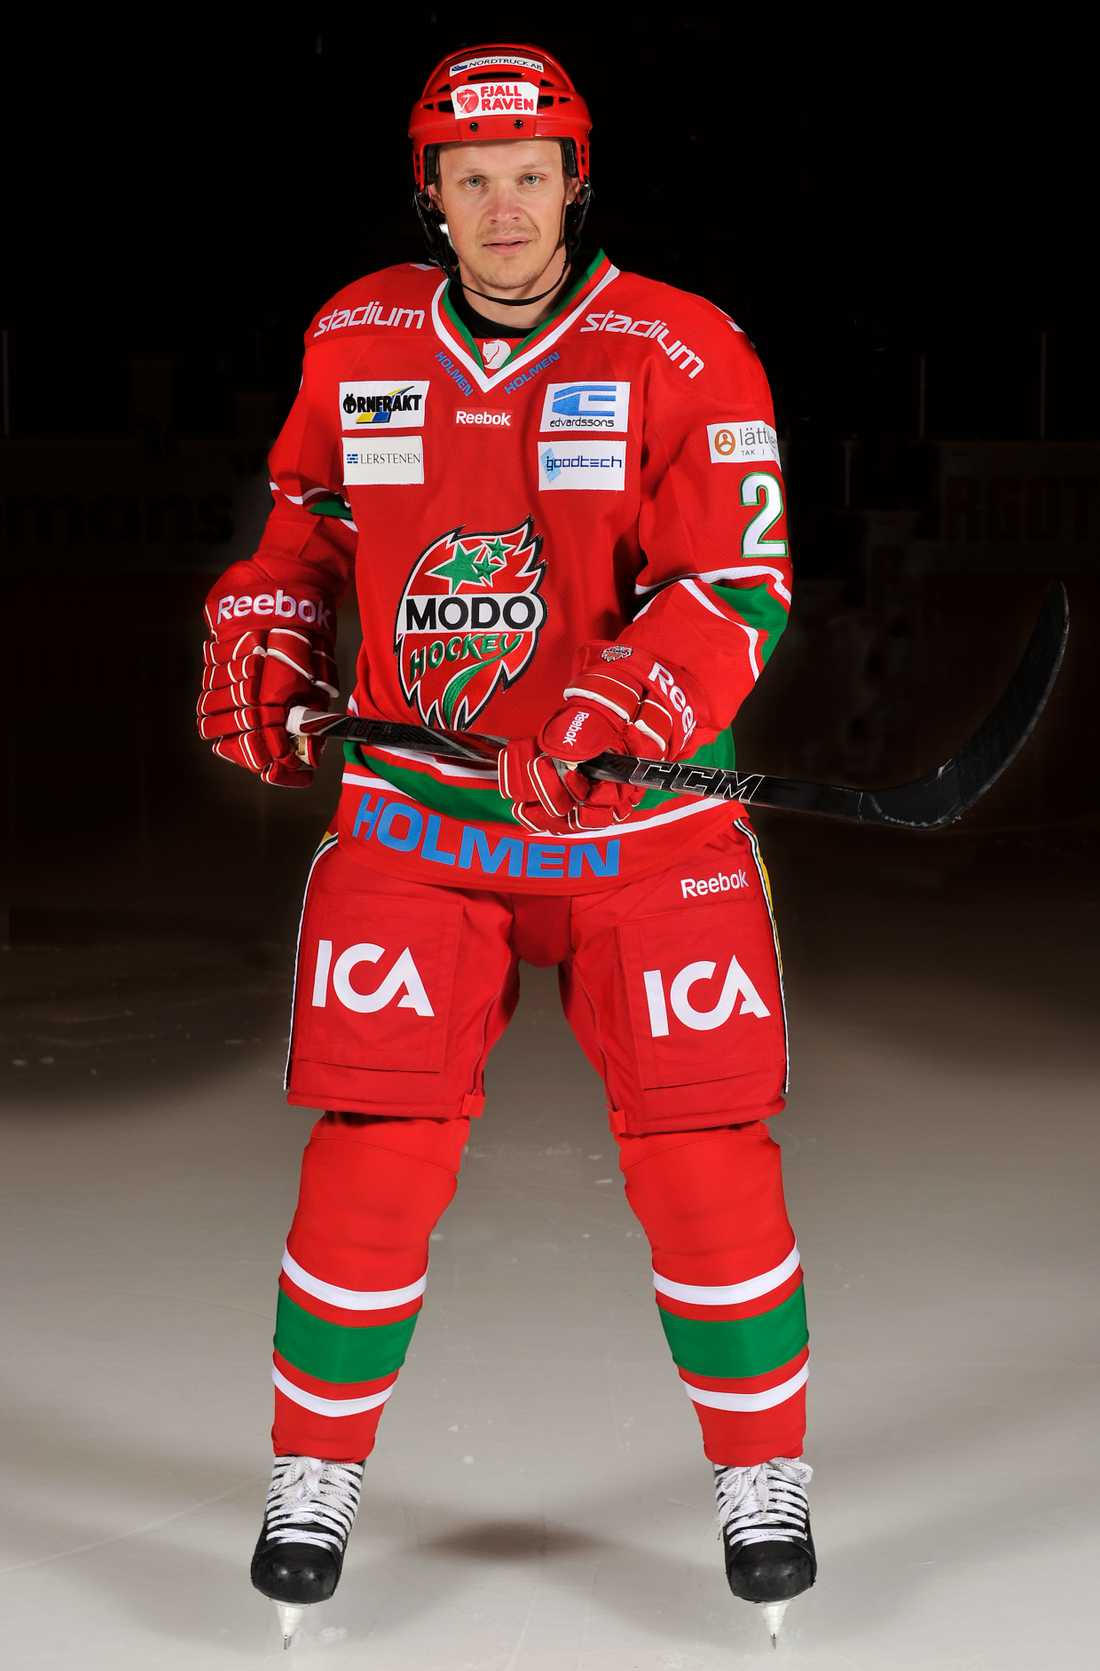 Foto: Modo Hockey/Håkan Nordström.